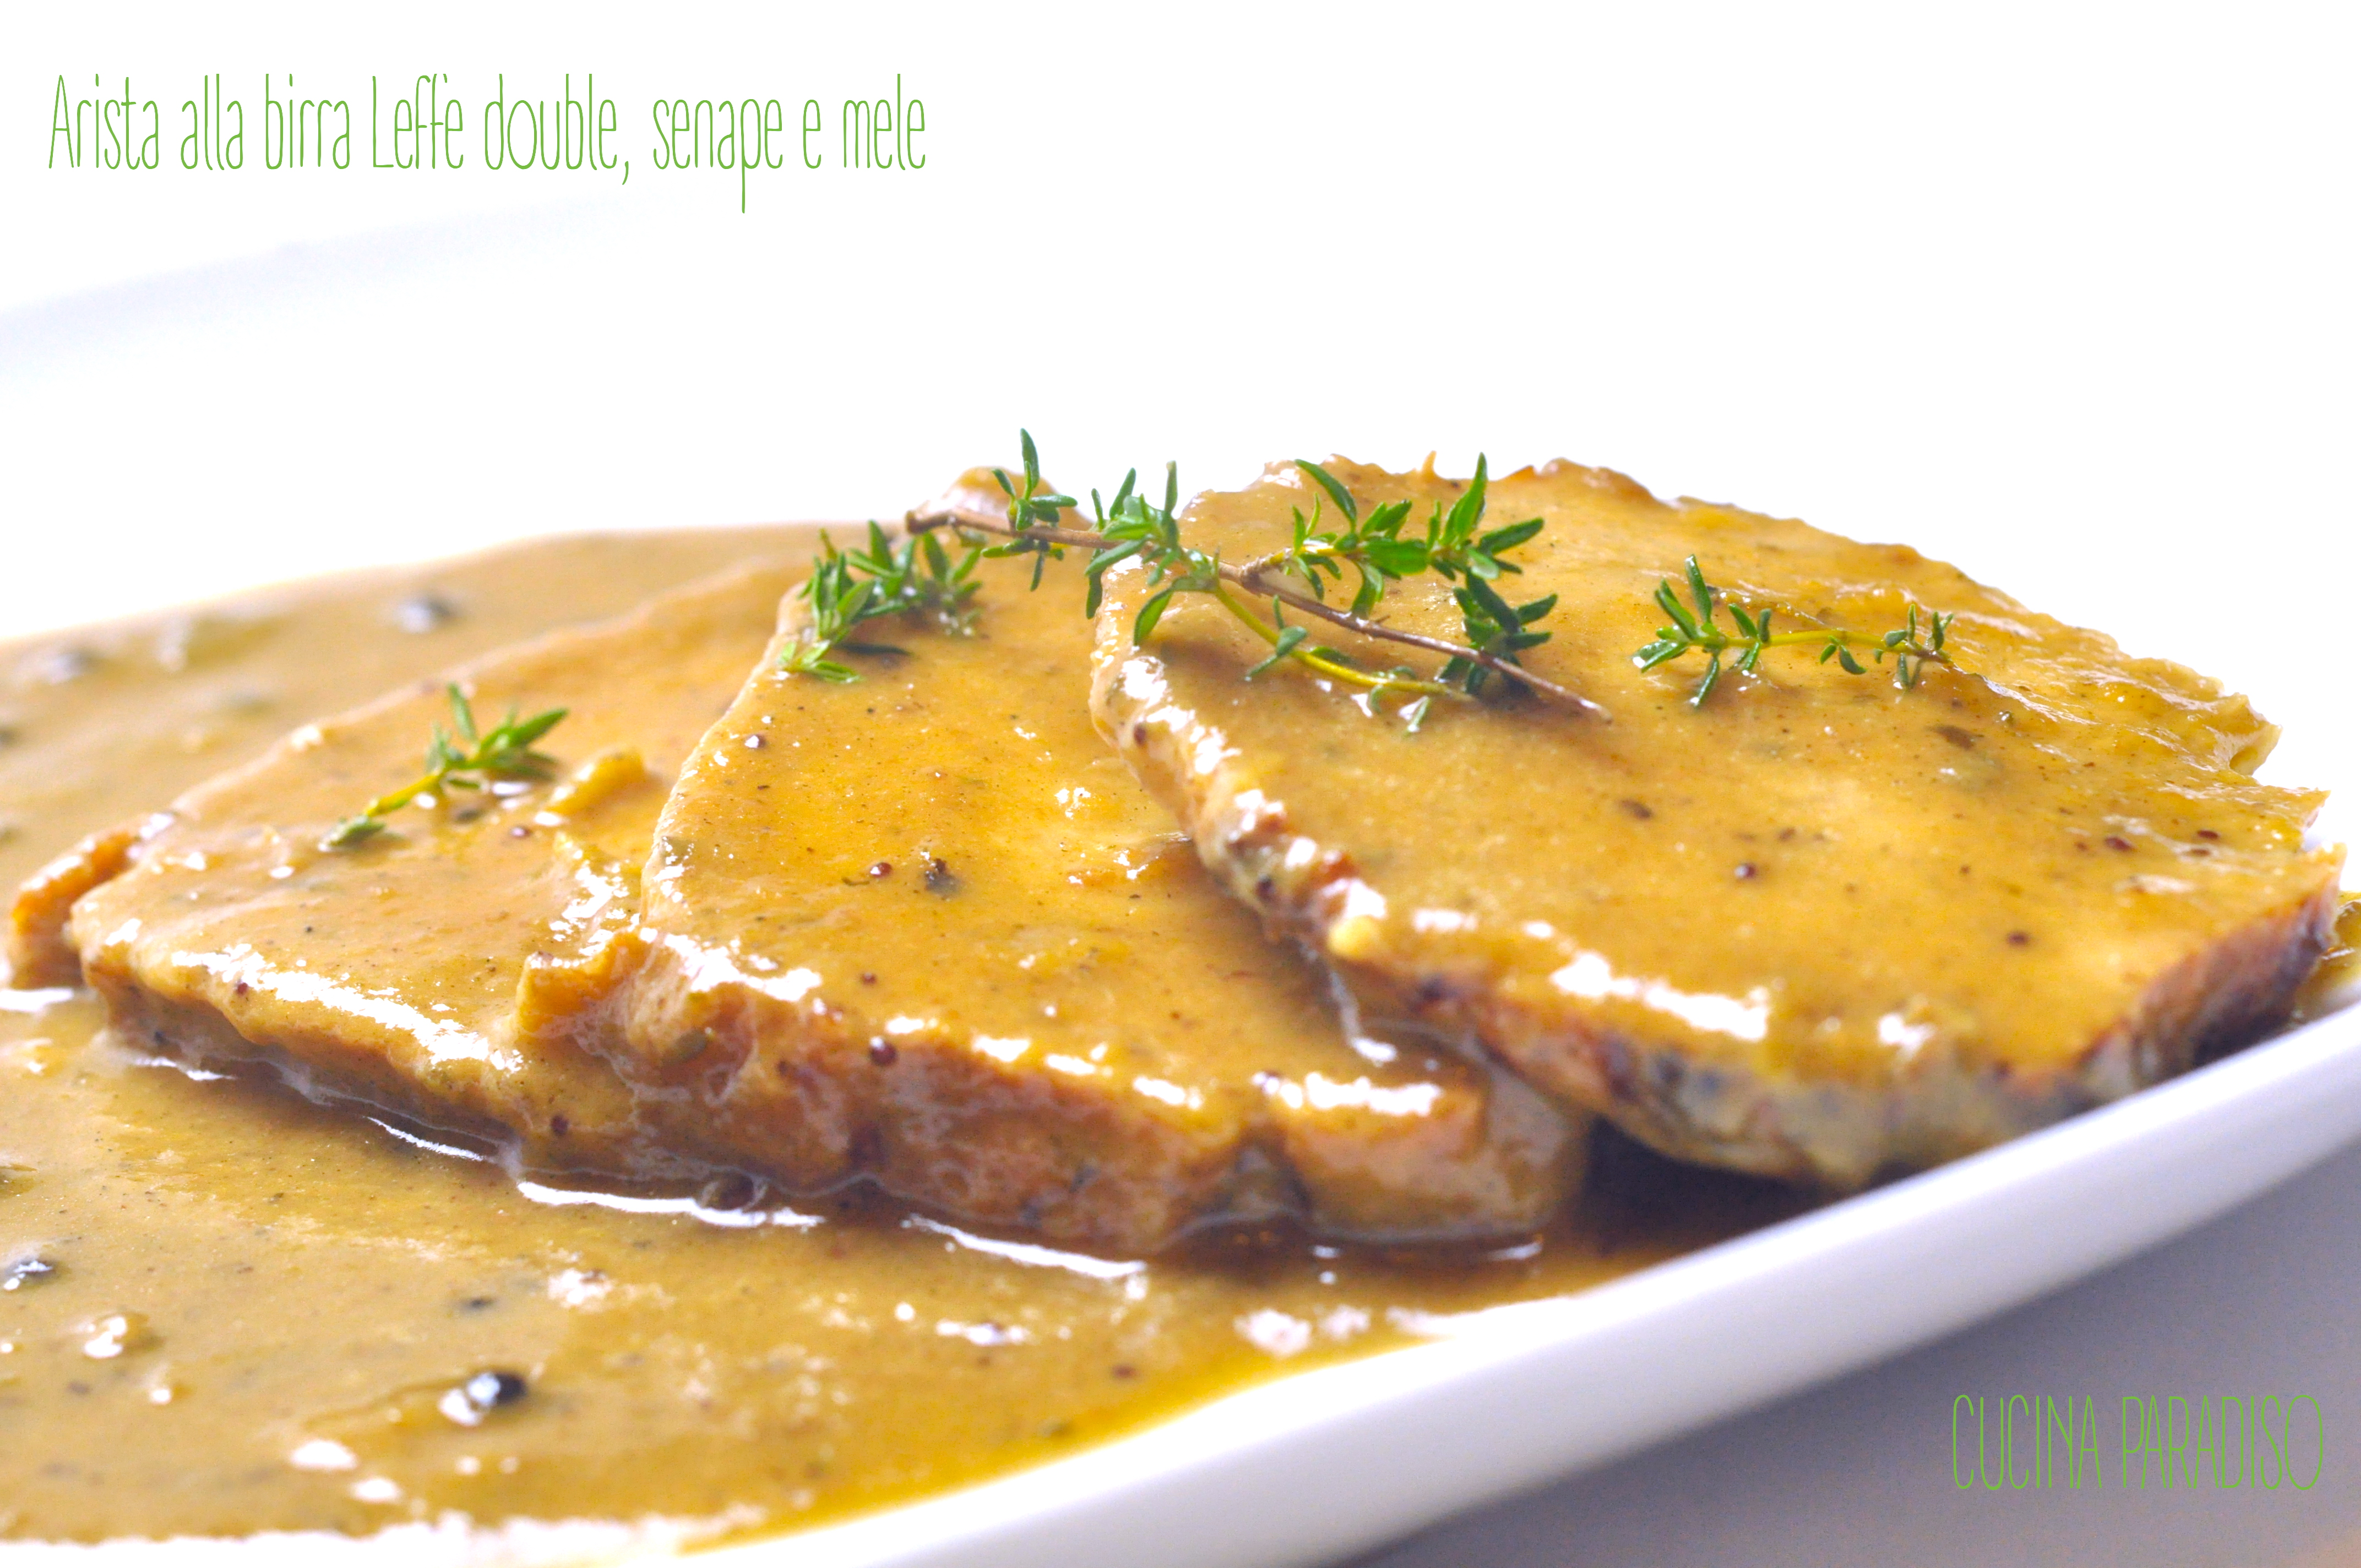 arista-alla-birra-leffe-double-senape-e-mele2